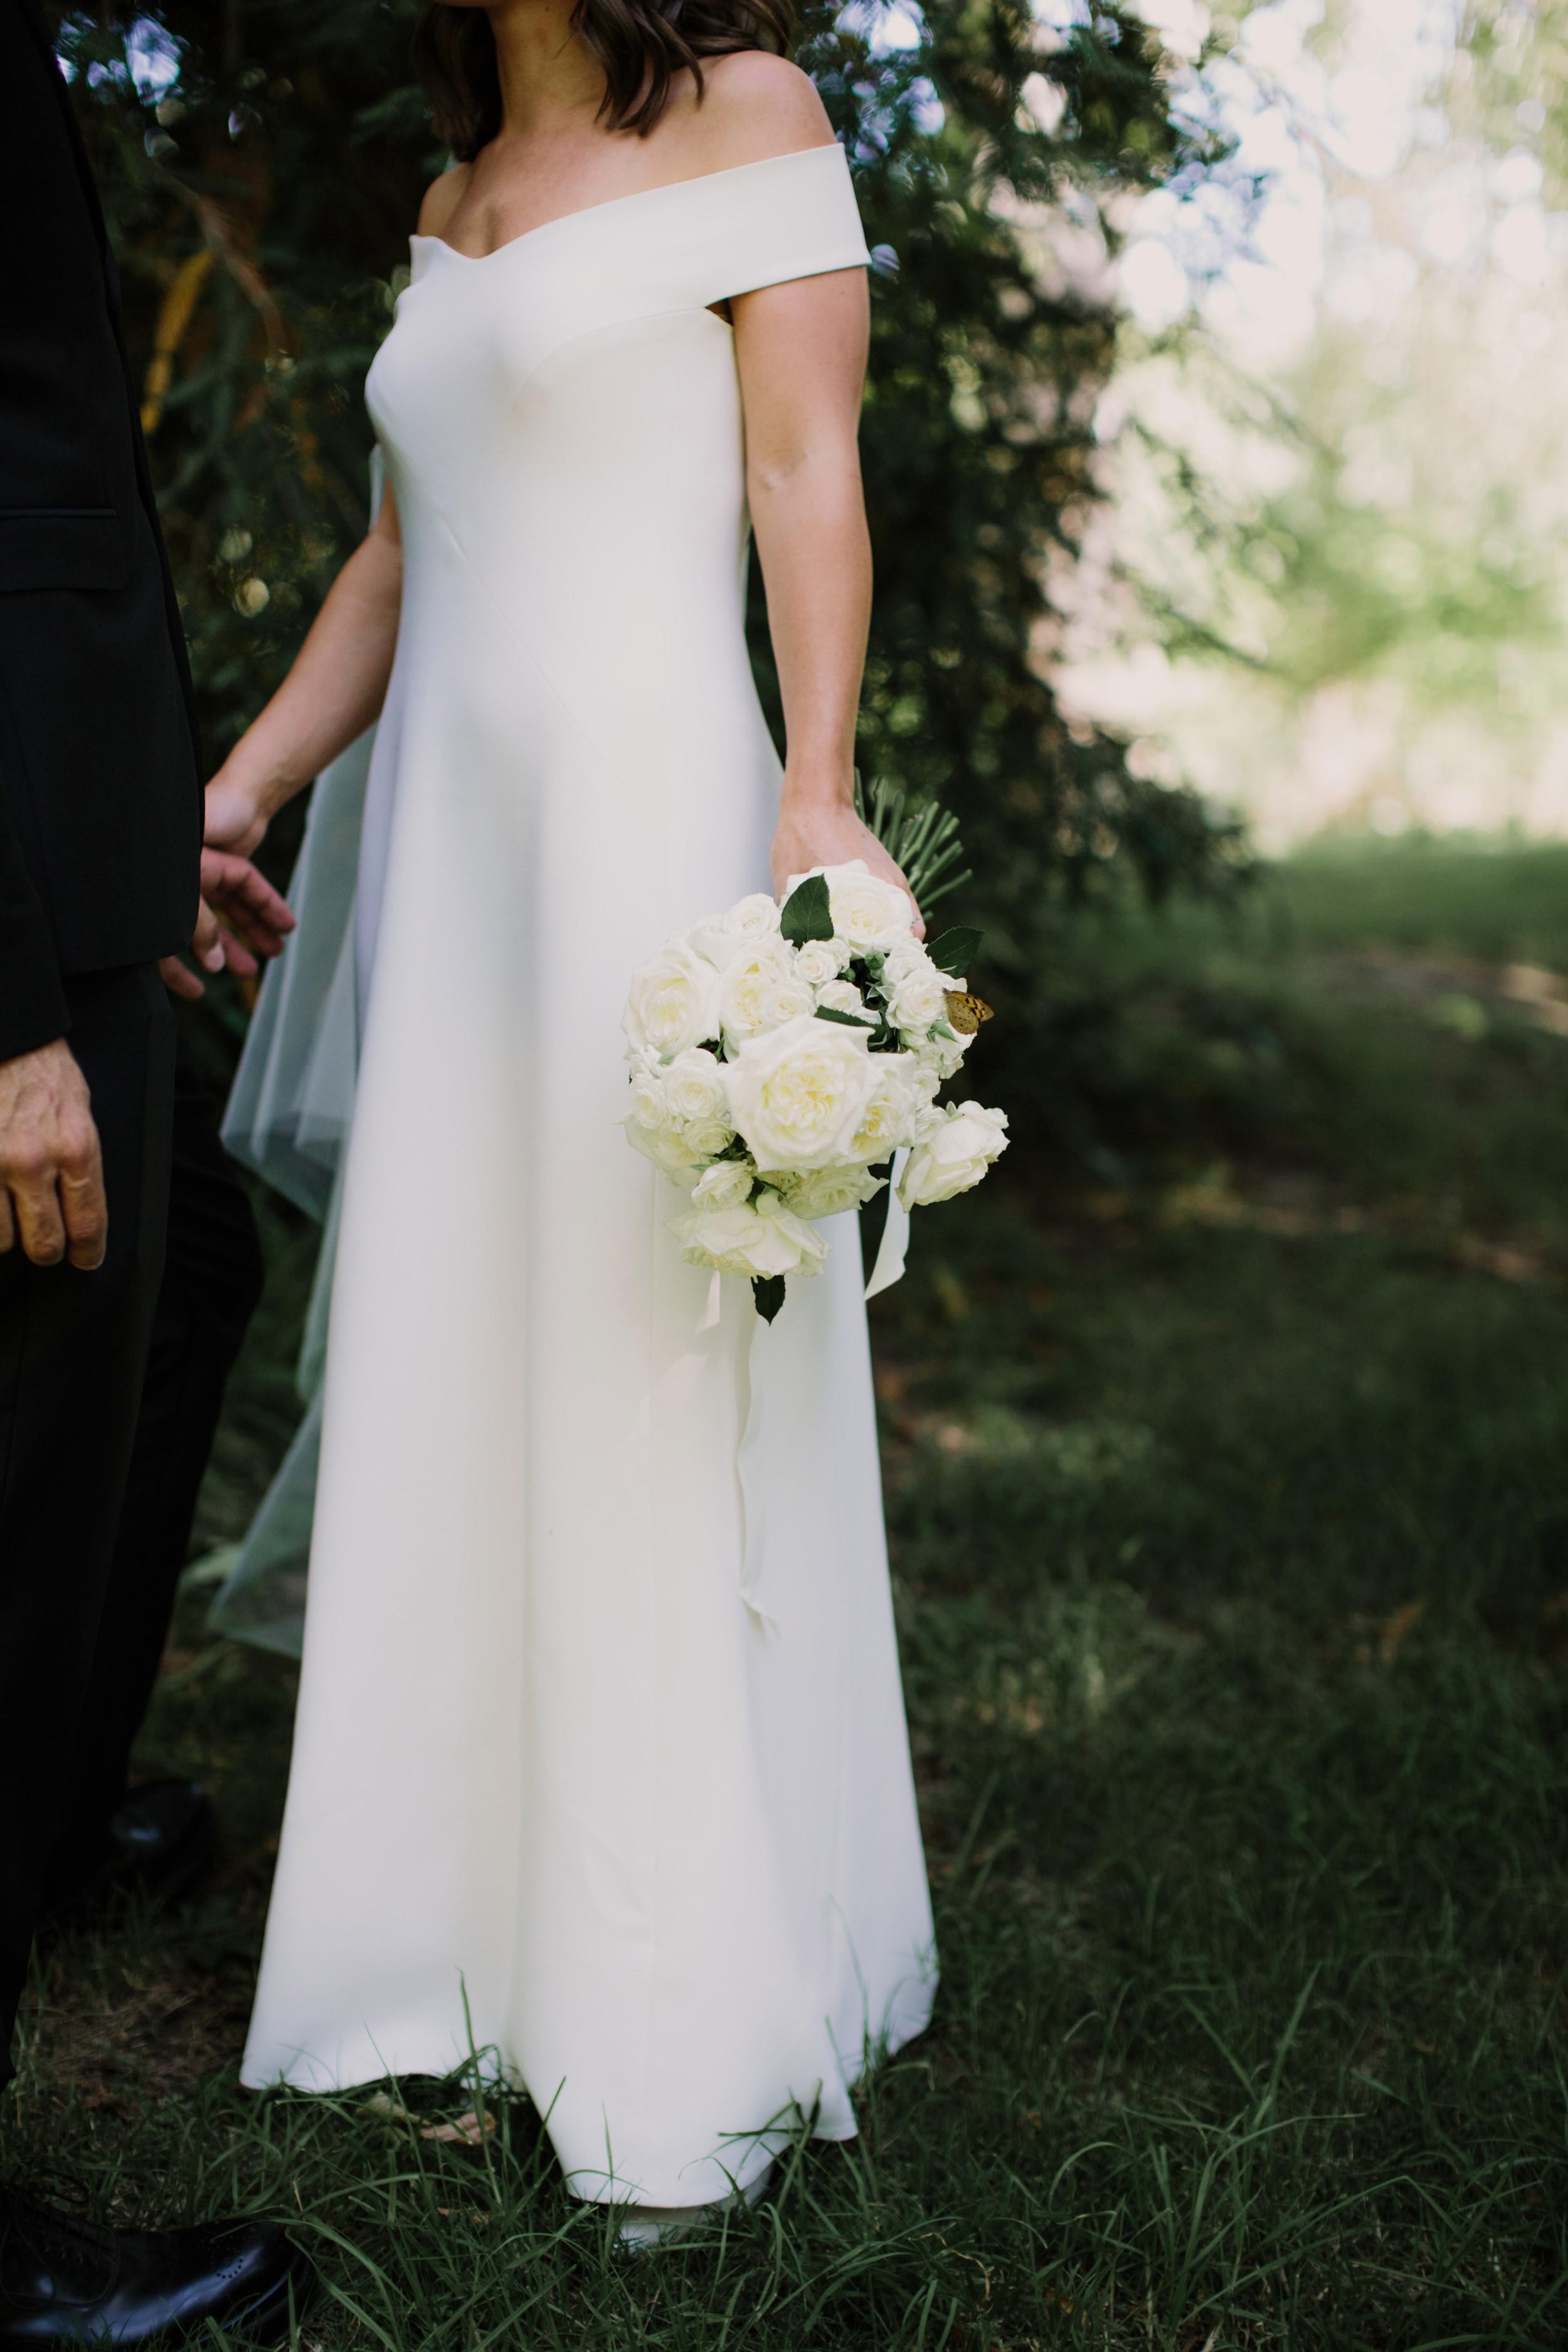 I-Got-You-Babe-Weddings-Flo-Jez-Heide-Boyd-Robyn0086.JPG